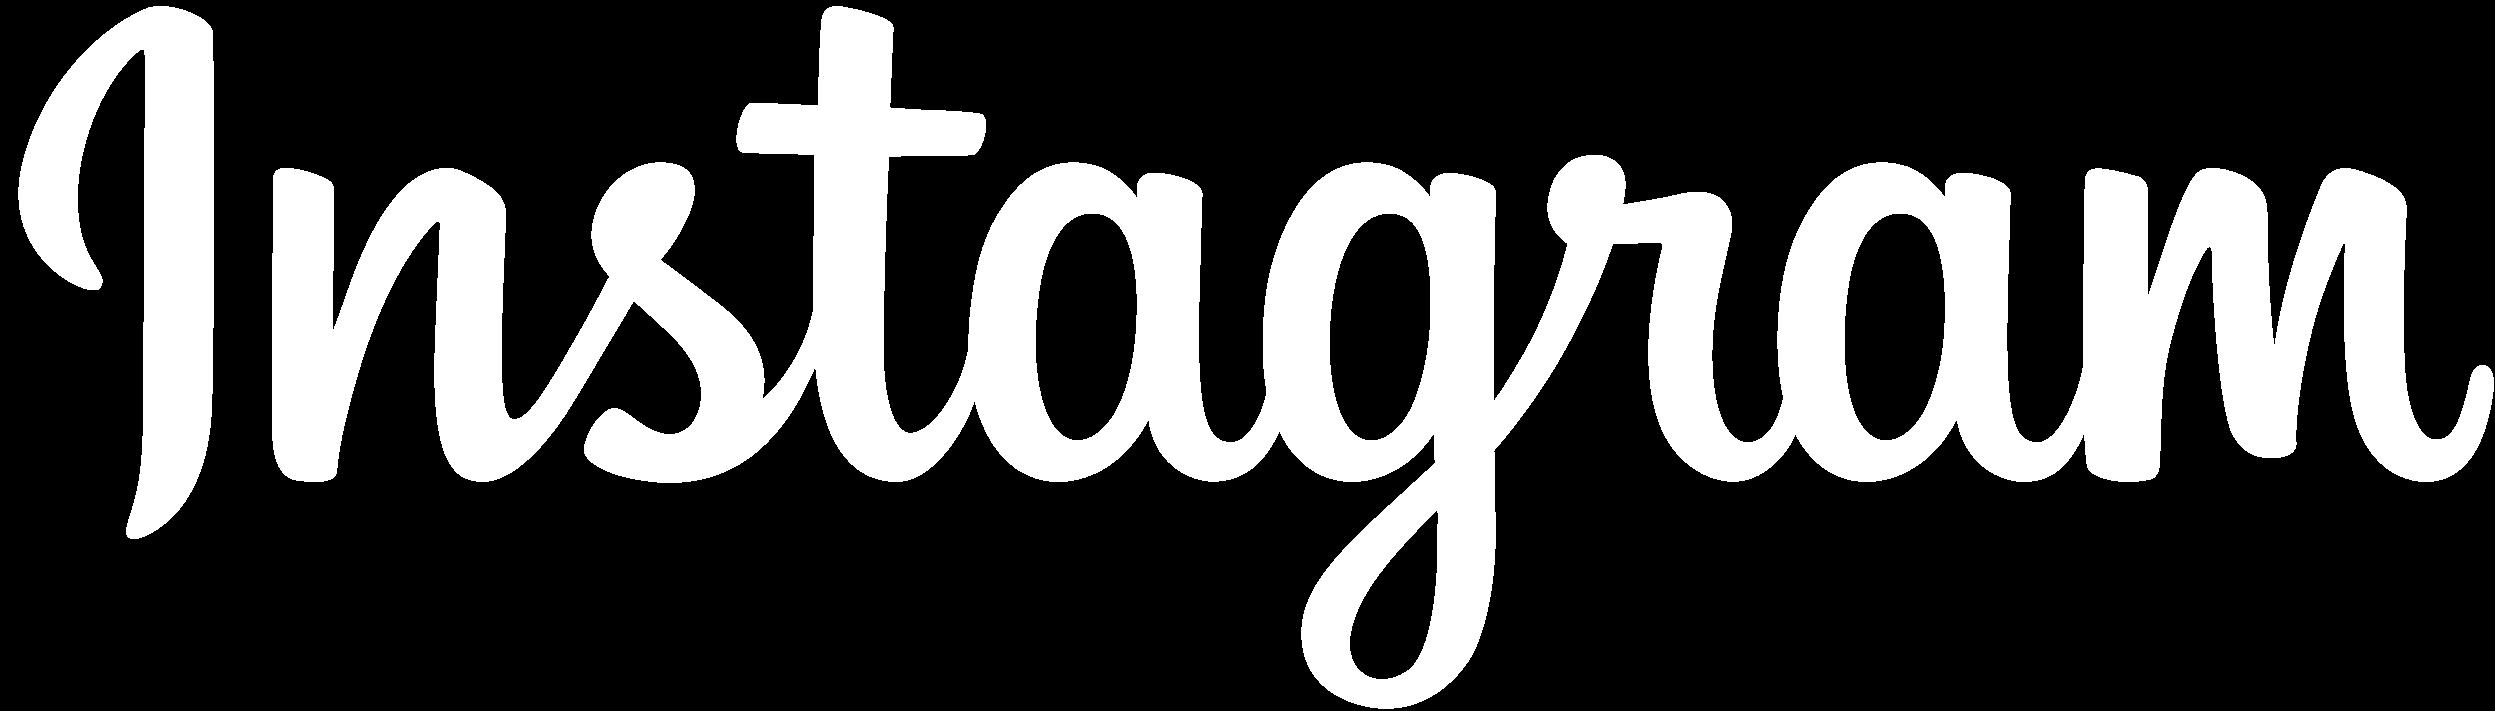 Instagram Logo Black and White